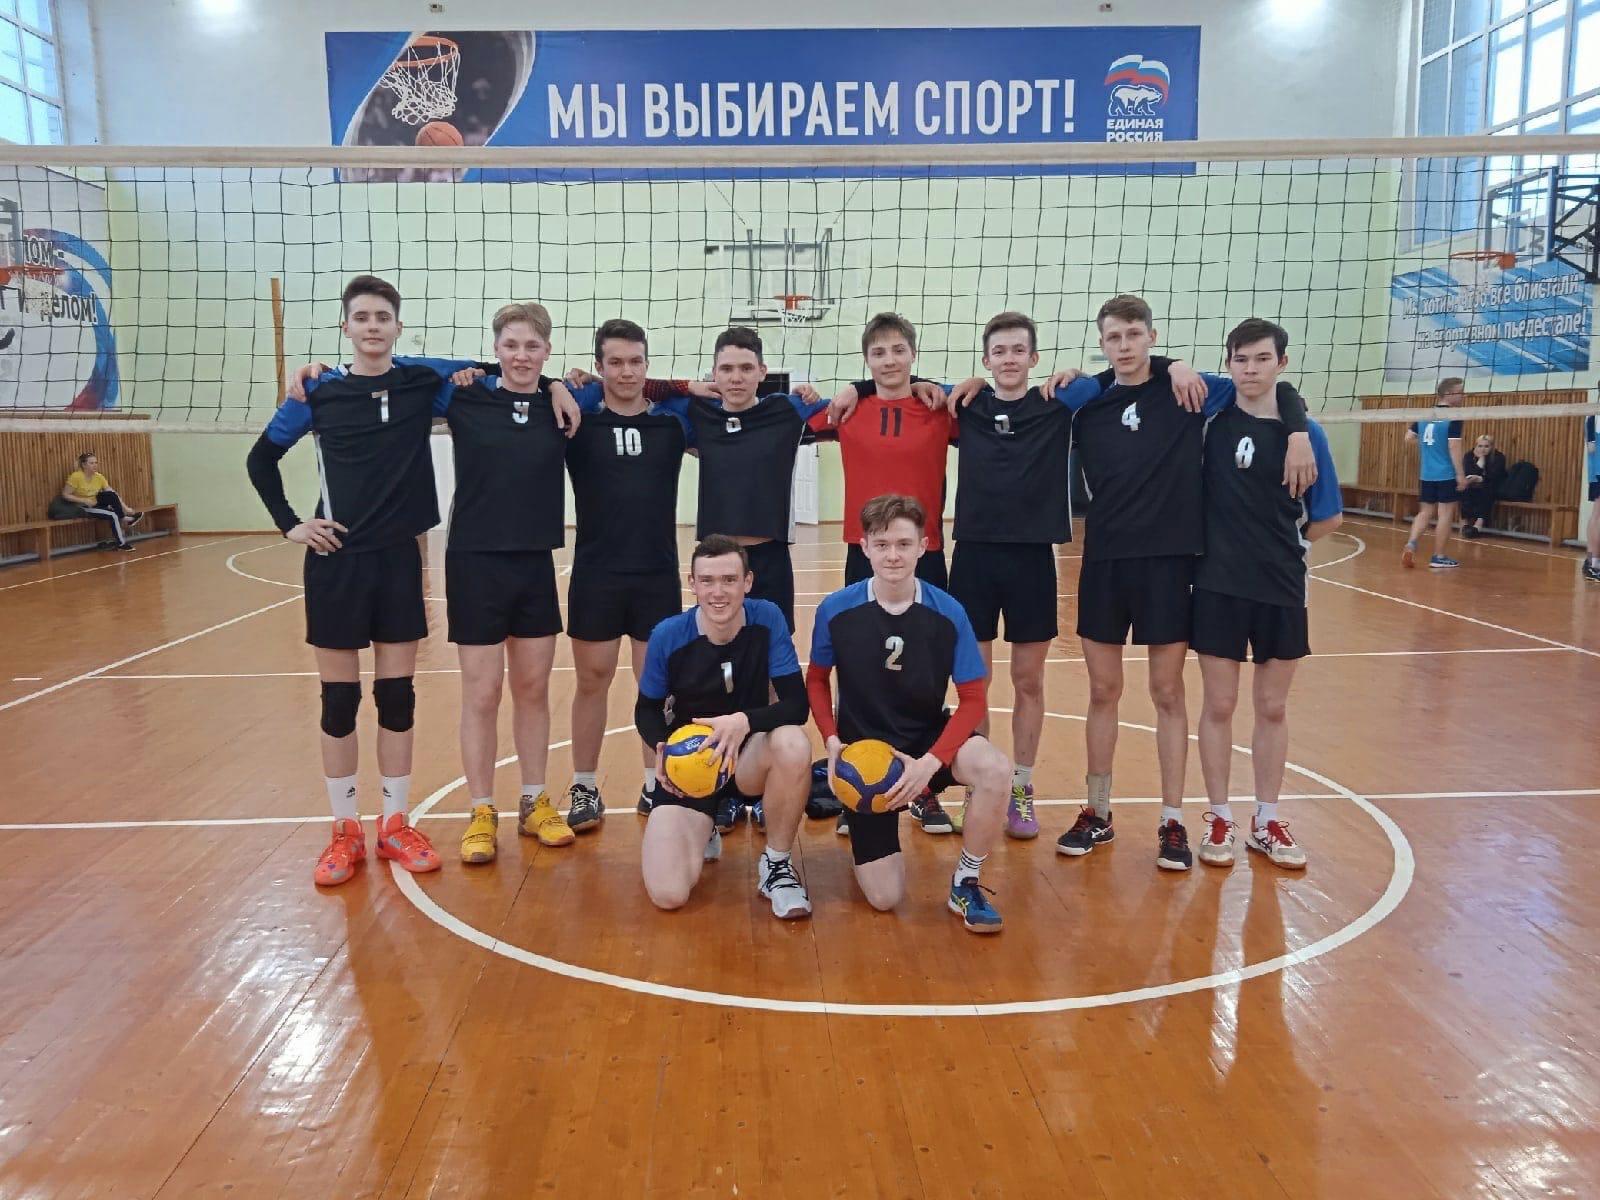 Команды из Можгинского района заняли 2 призовых